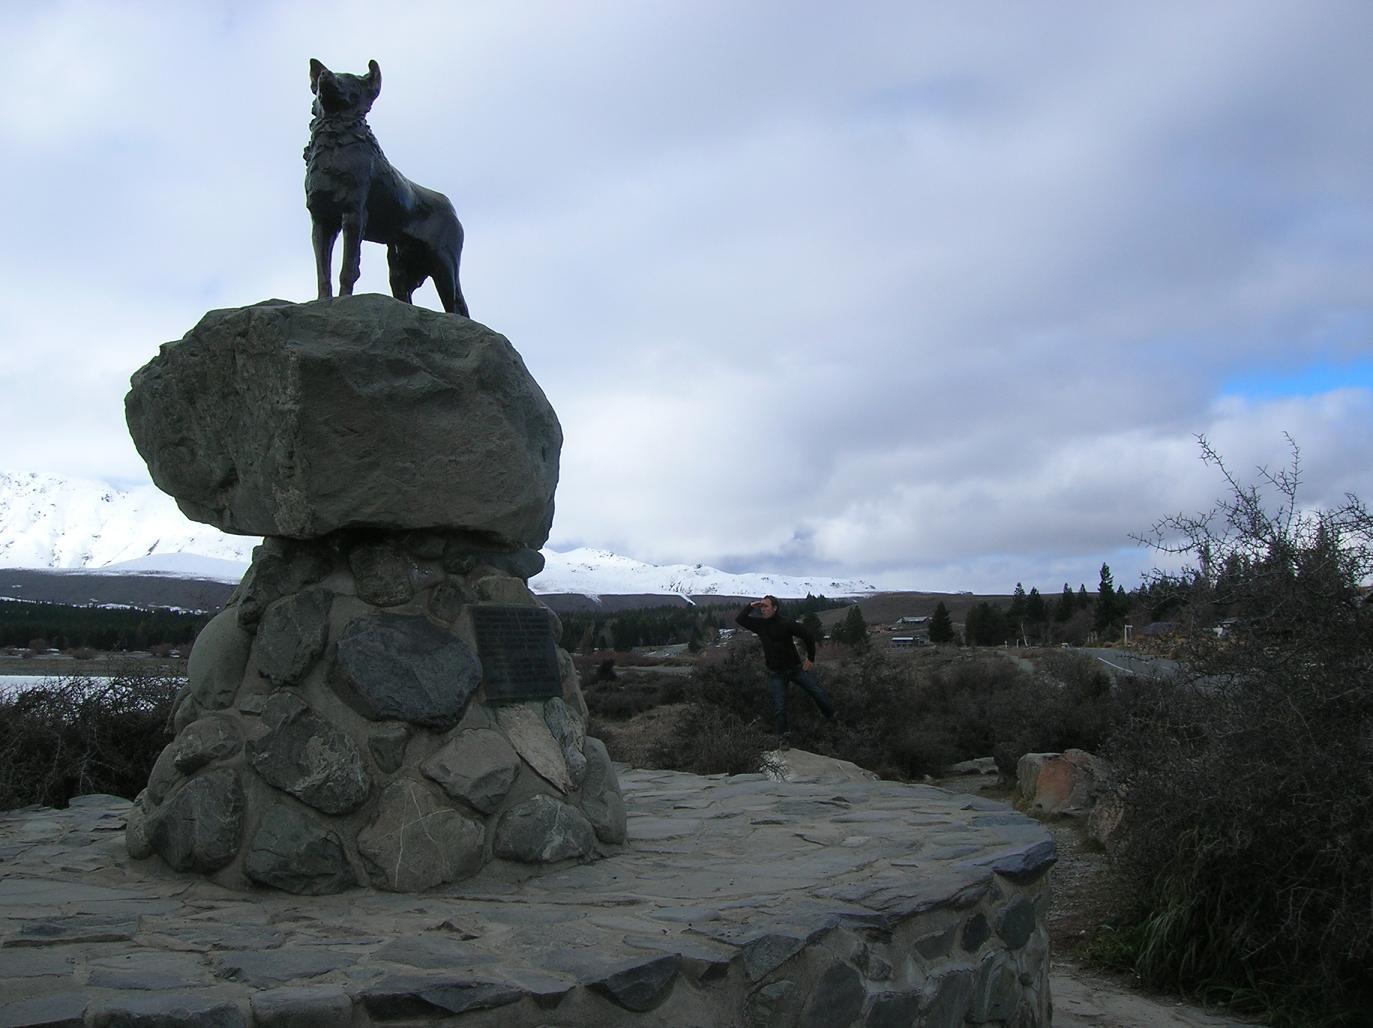 Berühmte Statuen wichtiger neuseeländischer Persönlichkeiten